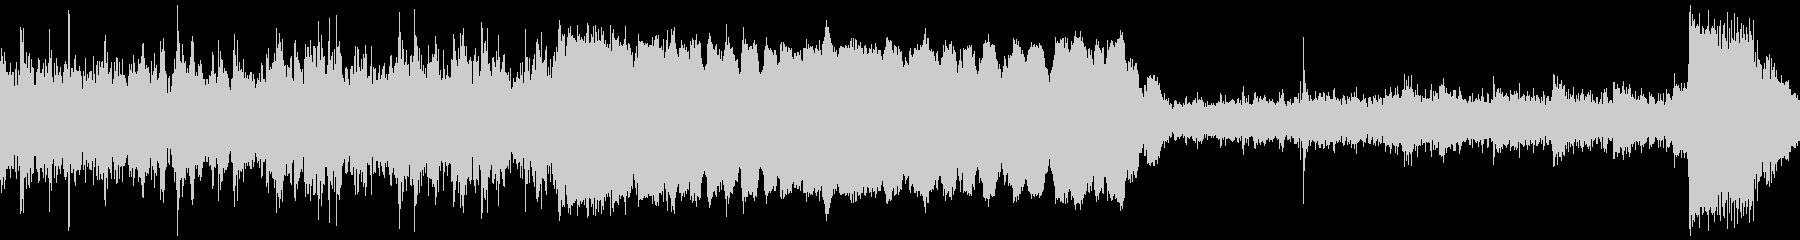 アラスカ鉄道スワード駅に到着した音の未再生の波形